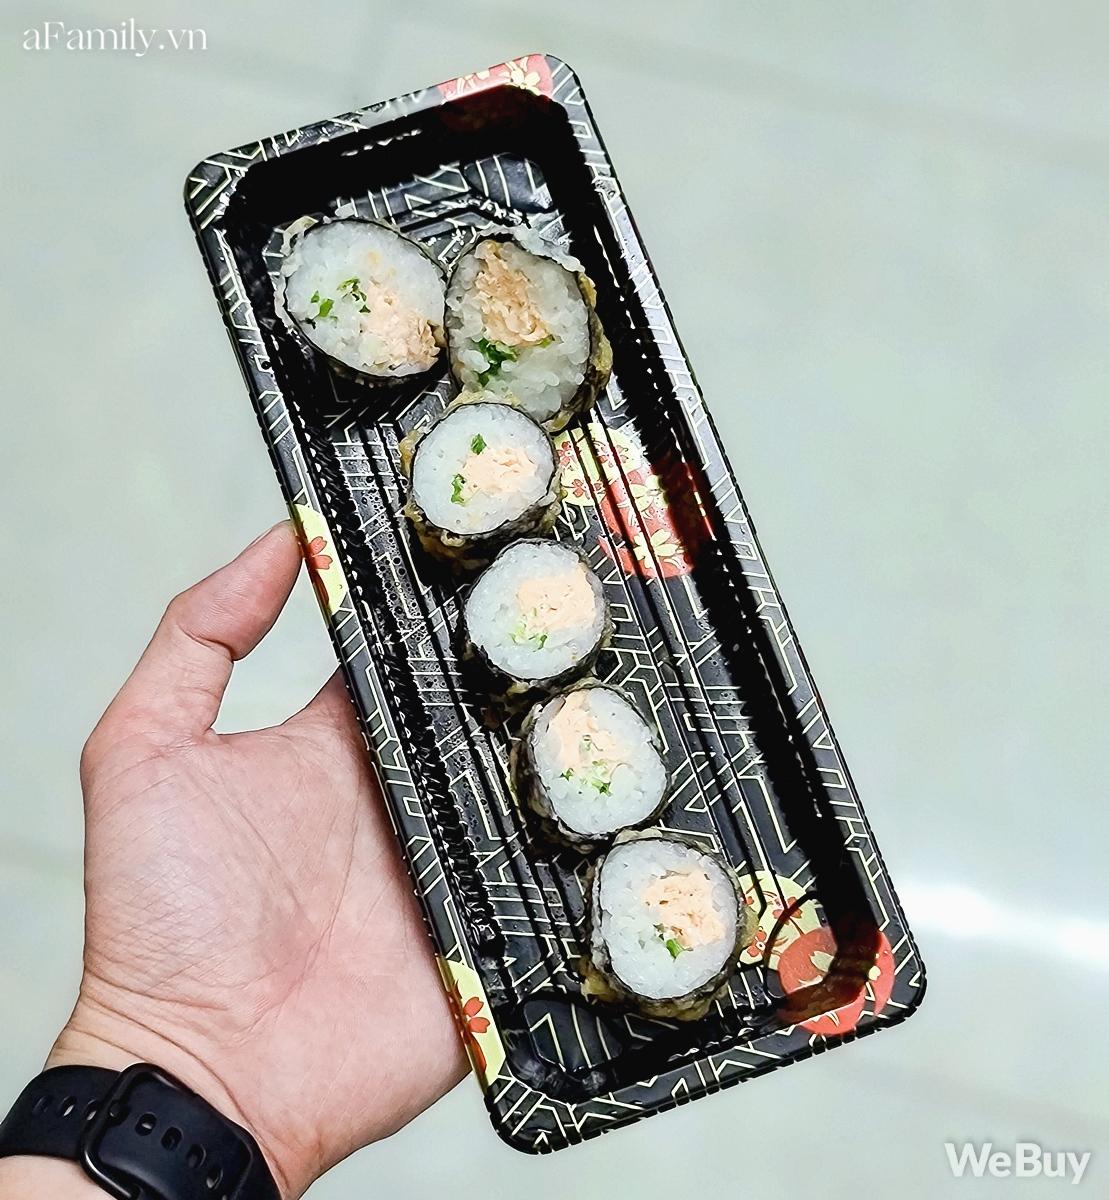 """Trải nghiệm 1 ngày 3 bữa với app gọi đồ ăn Baemin ở Hà Nội: Ngon có, dở có, lỗi còn nhiều nhưng quan trọng vẫn là cả """"rổ"""" khuyến mãi - Ảnh 12."""